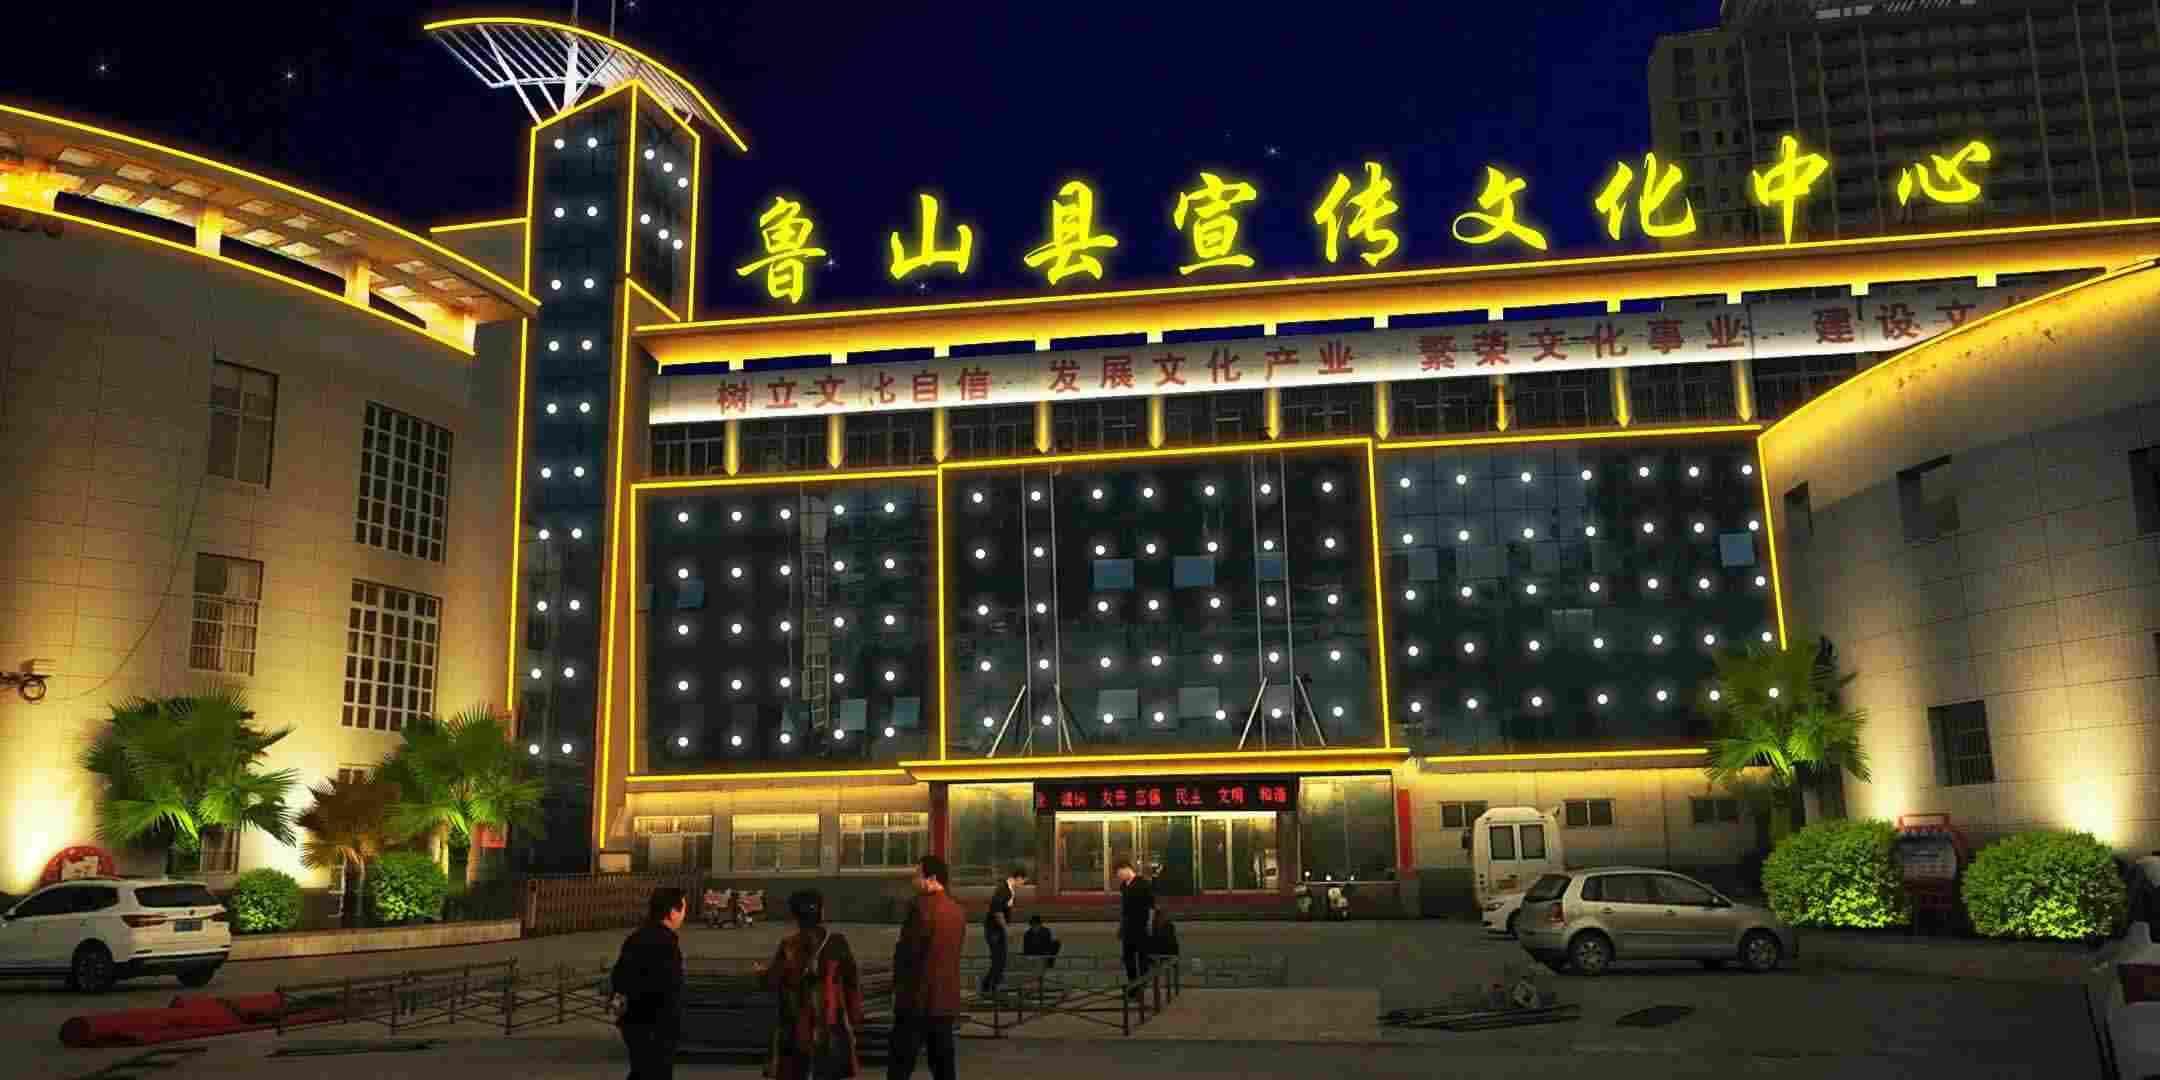 鲁山县文化宣传中心